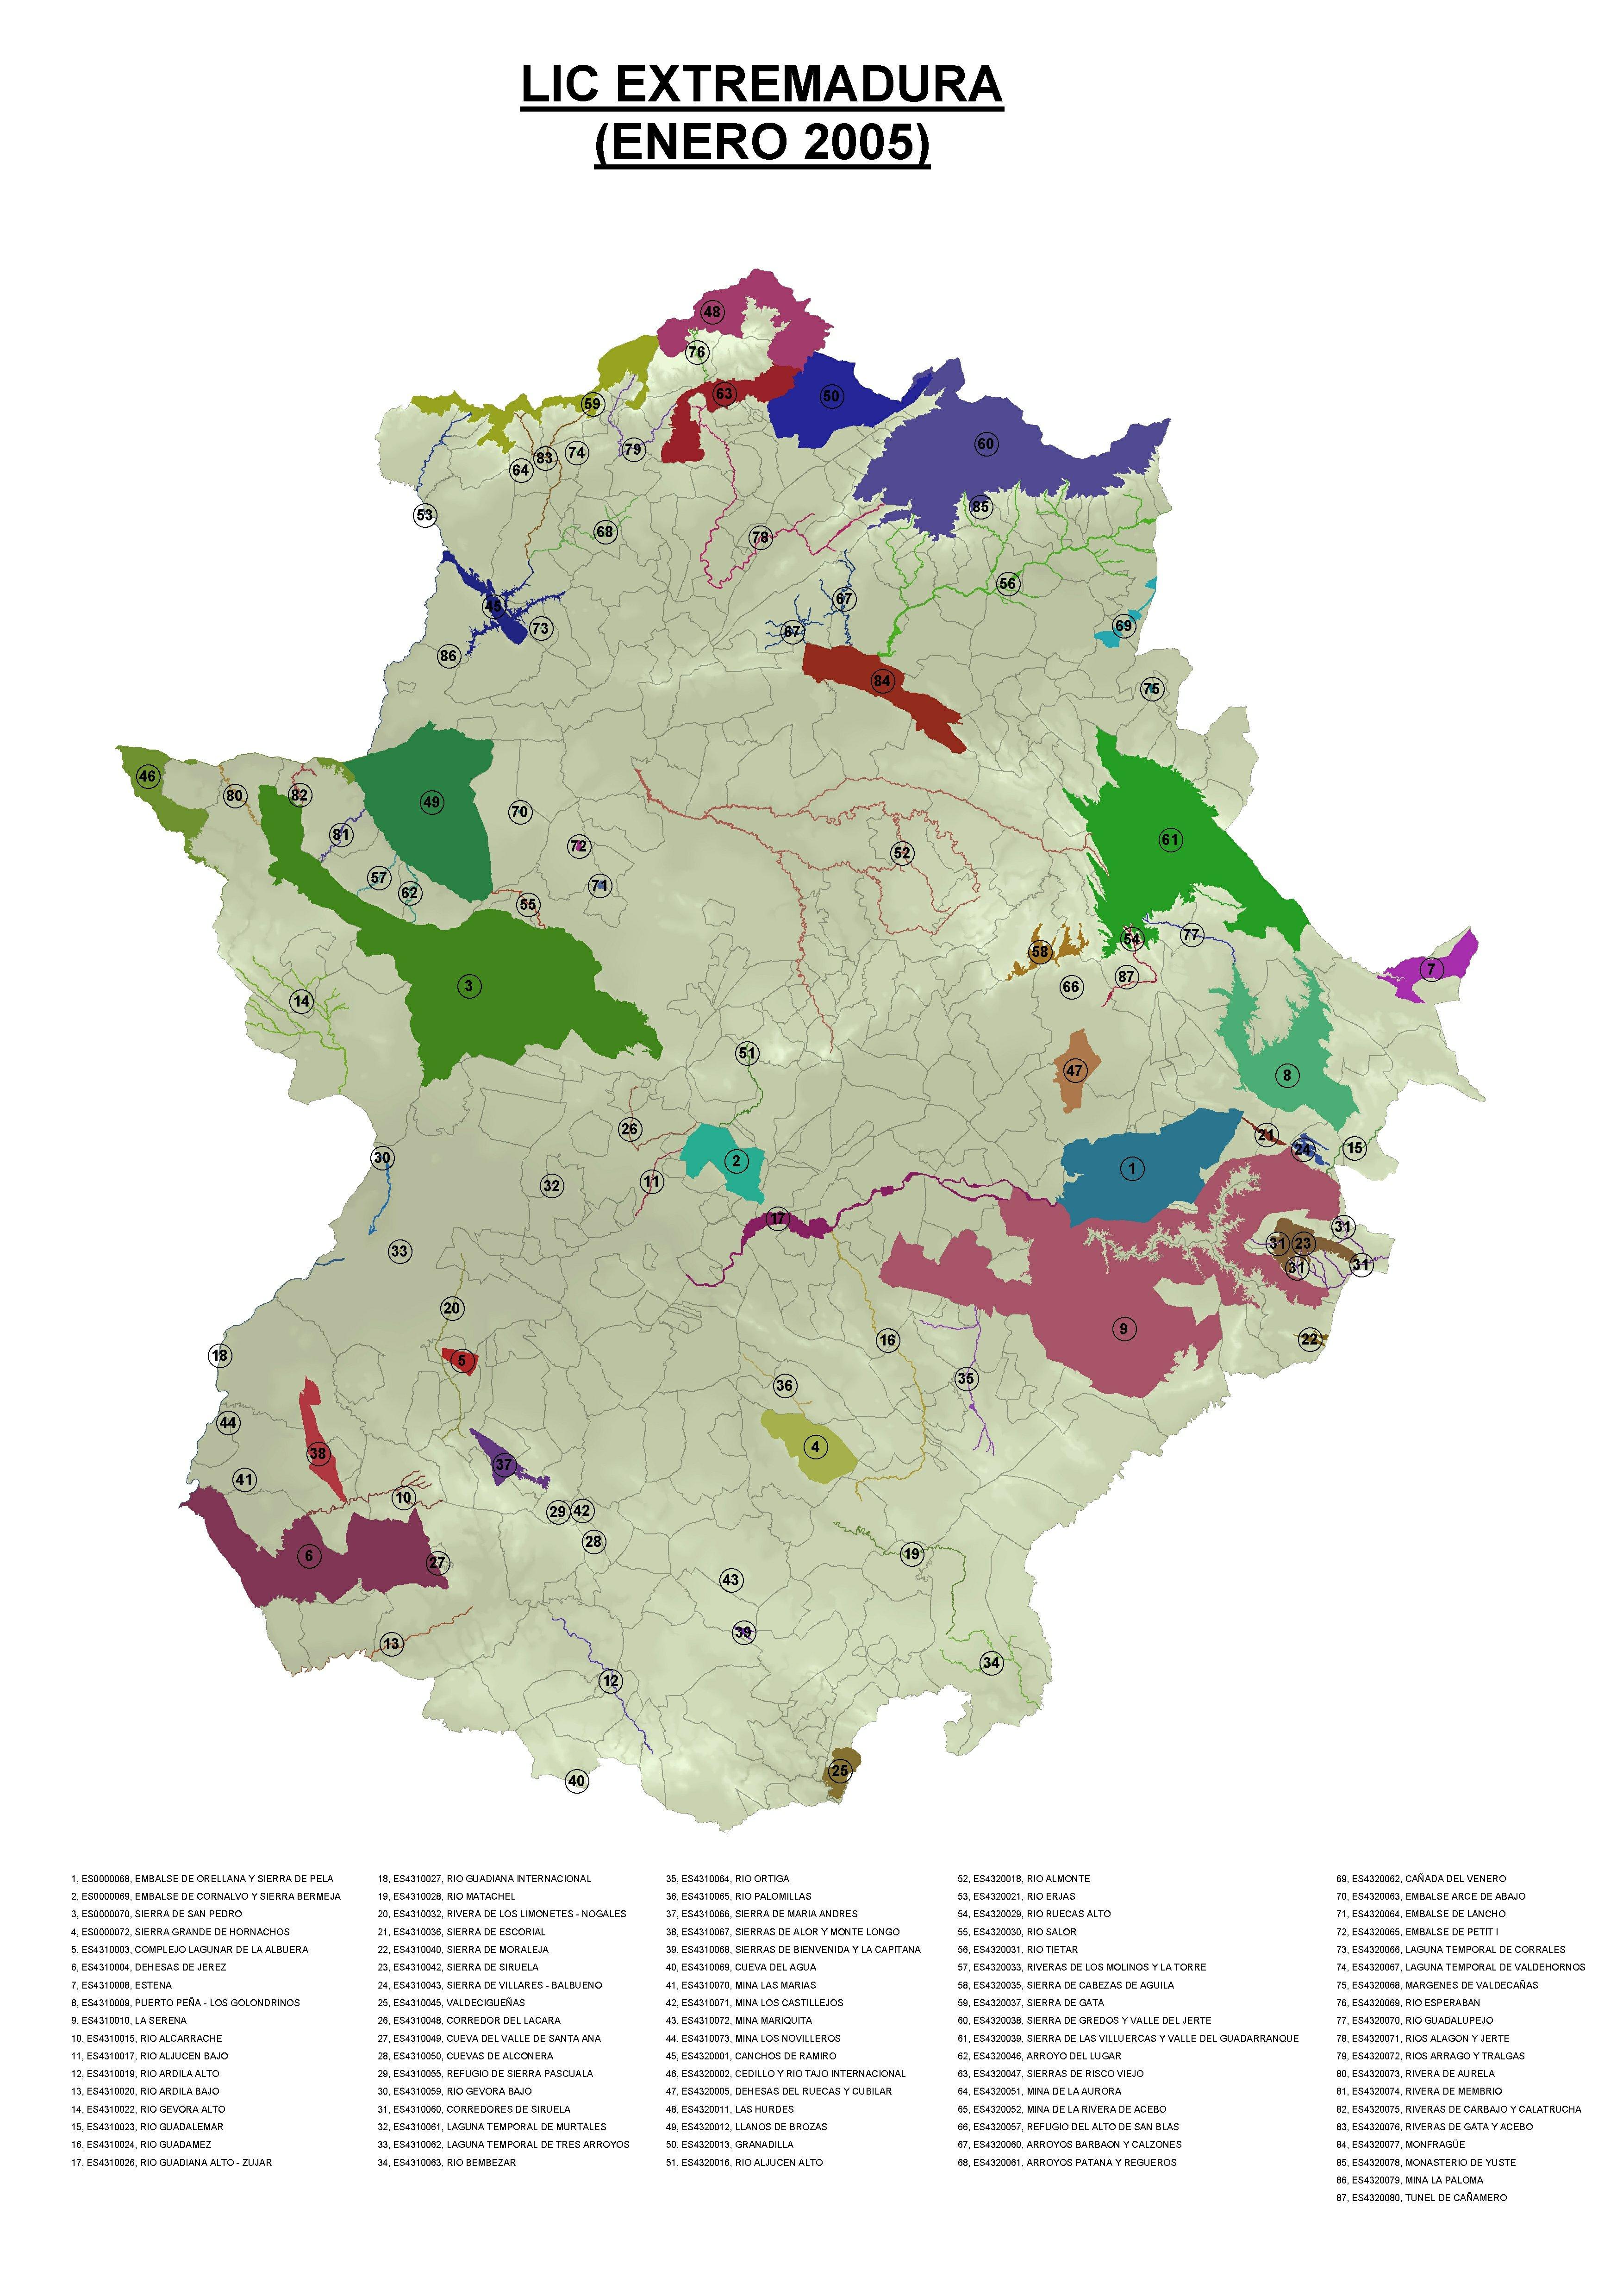 Lugares de importancia comunitaria (LIC) de Extremadura